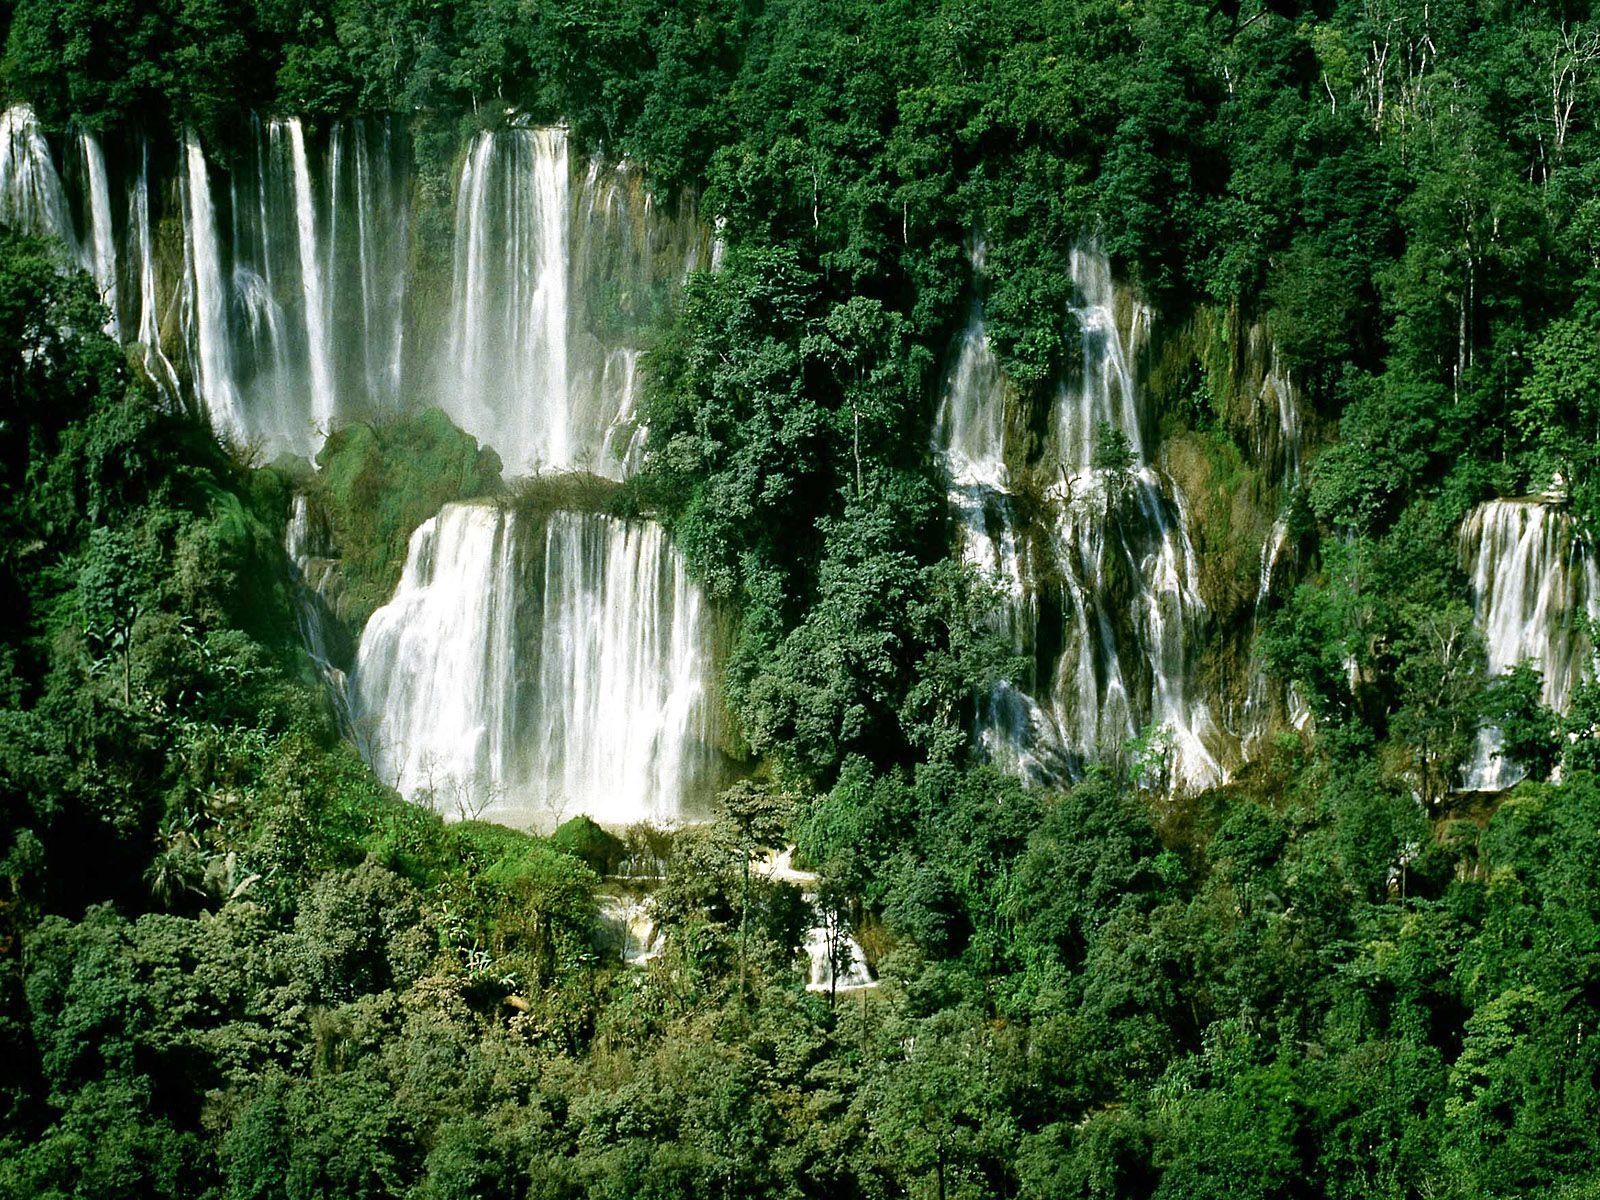 Струи водопада Ти Ло Су